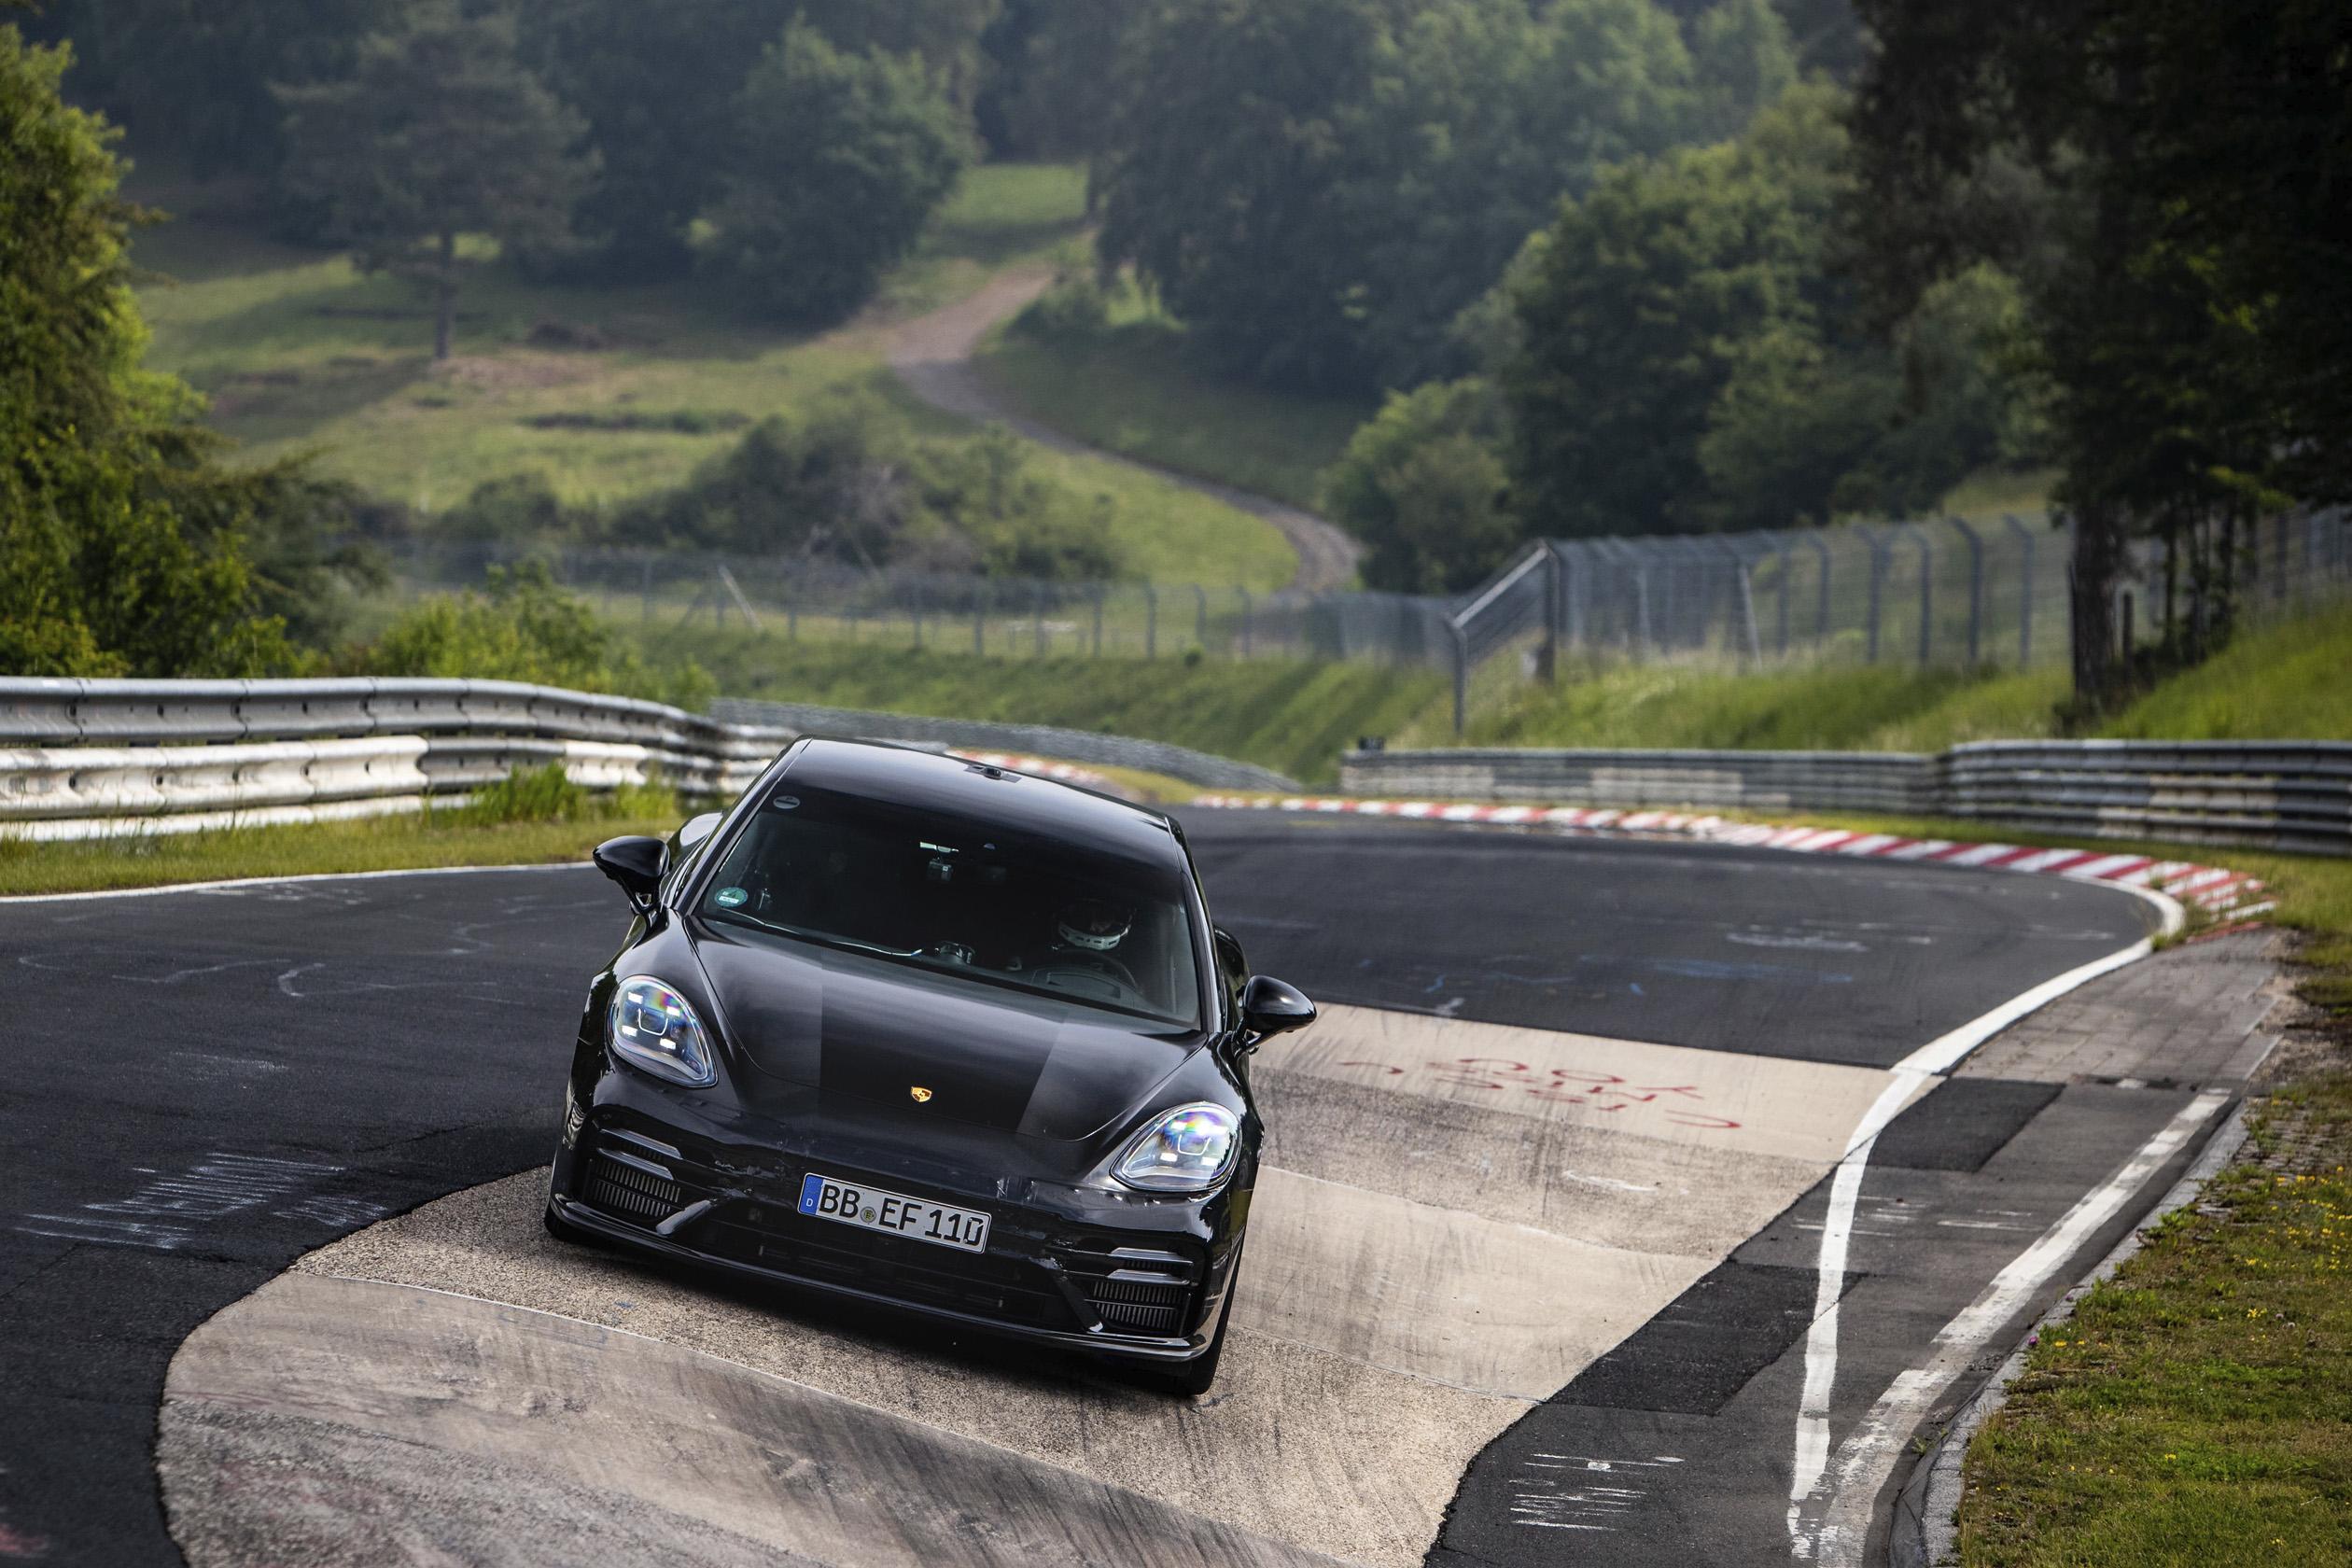 全新Panamera增加了引擎性能、過彎穩定性、車身控制與轉向精準度,同時提升日常生活舒適性與車輛性能表現。